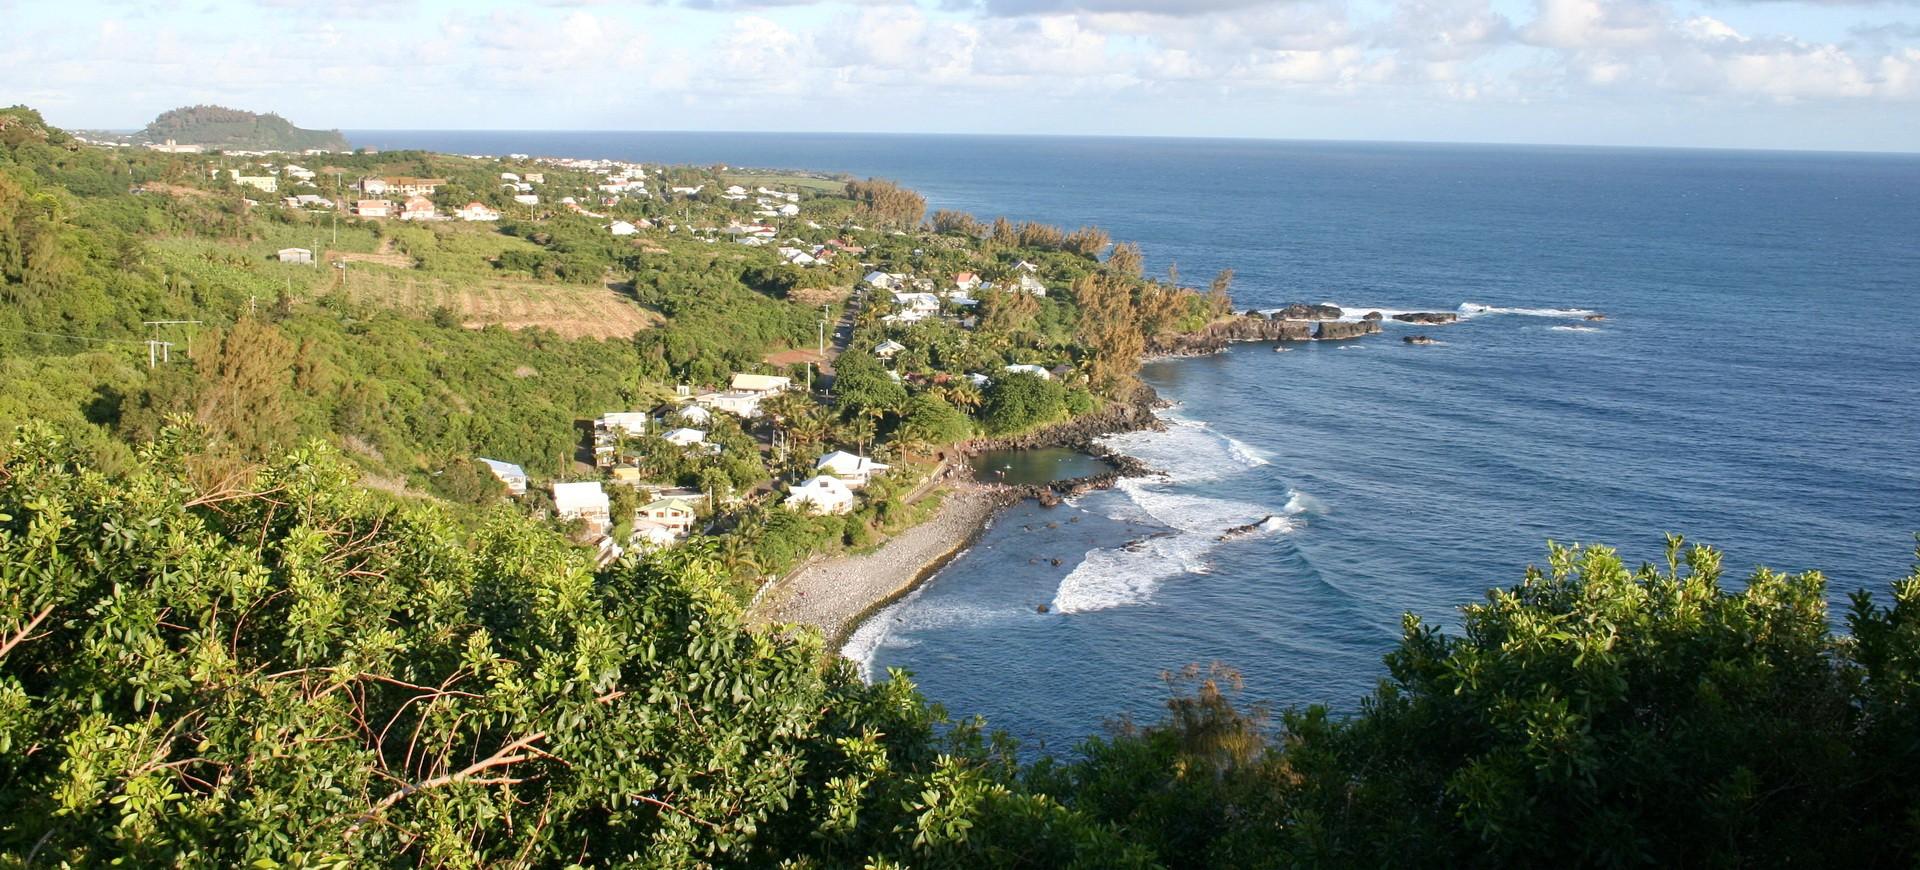 Manapani à I'île de la Réunion